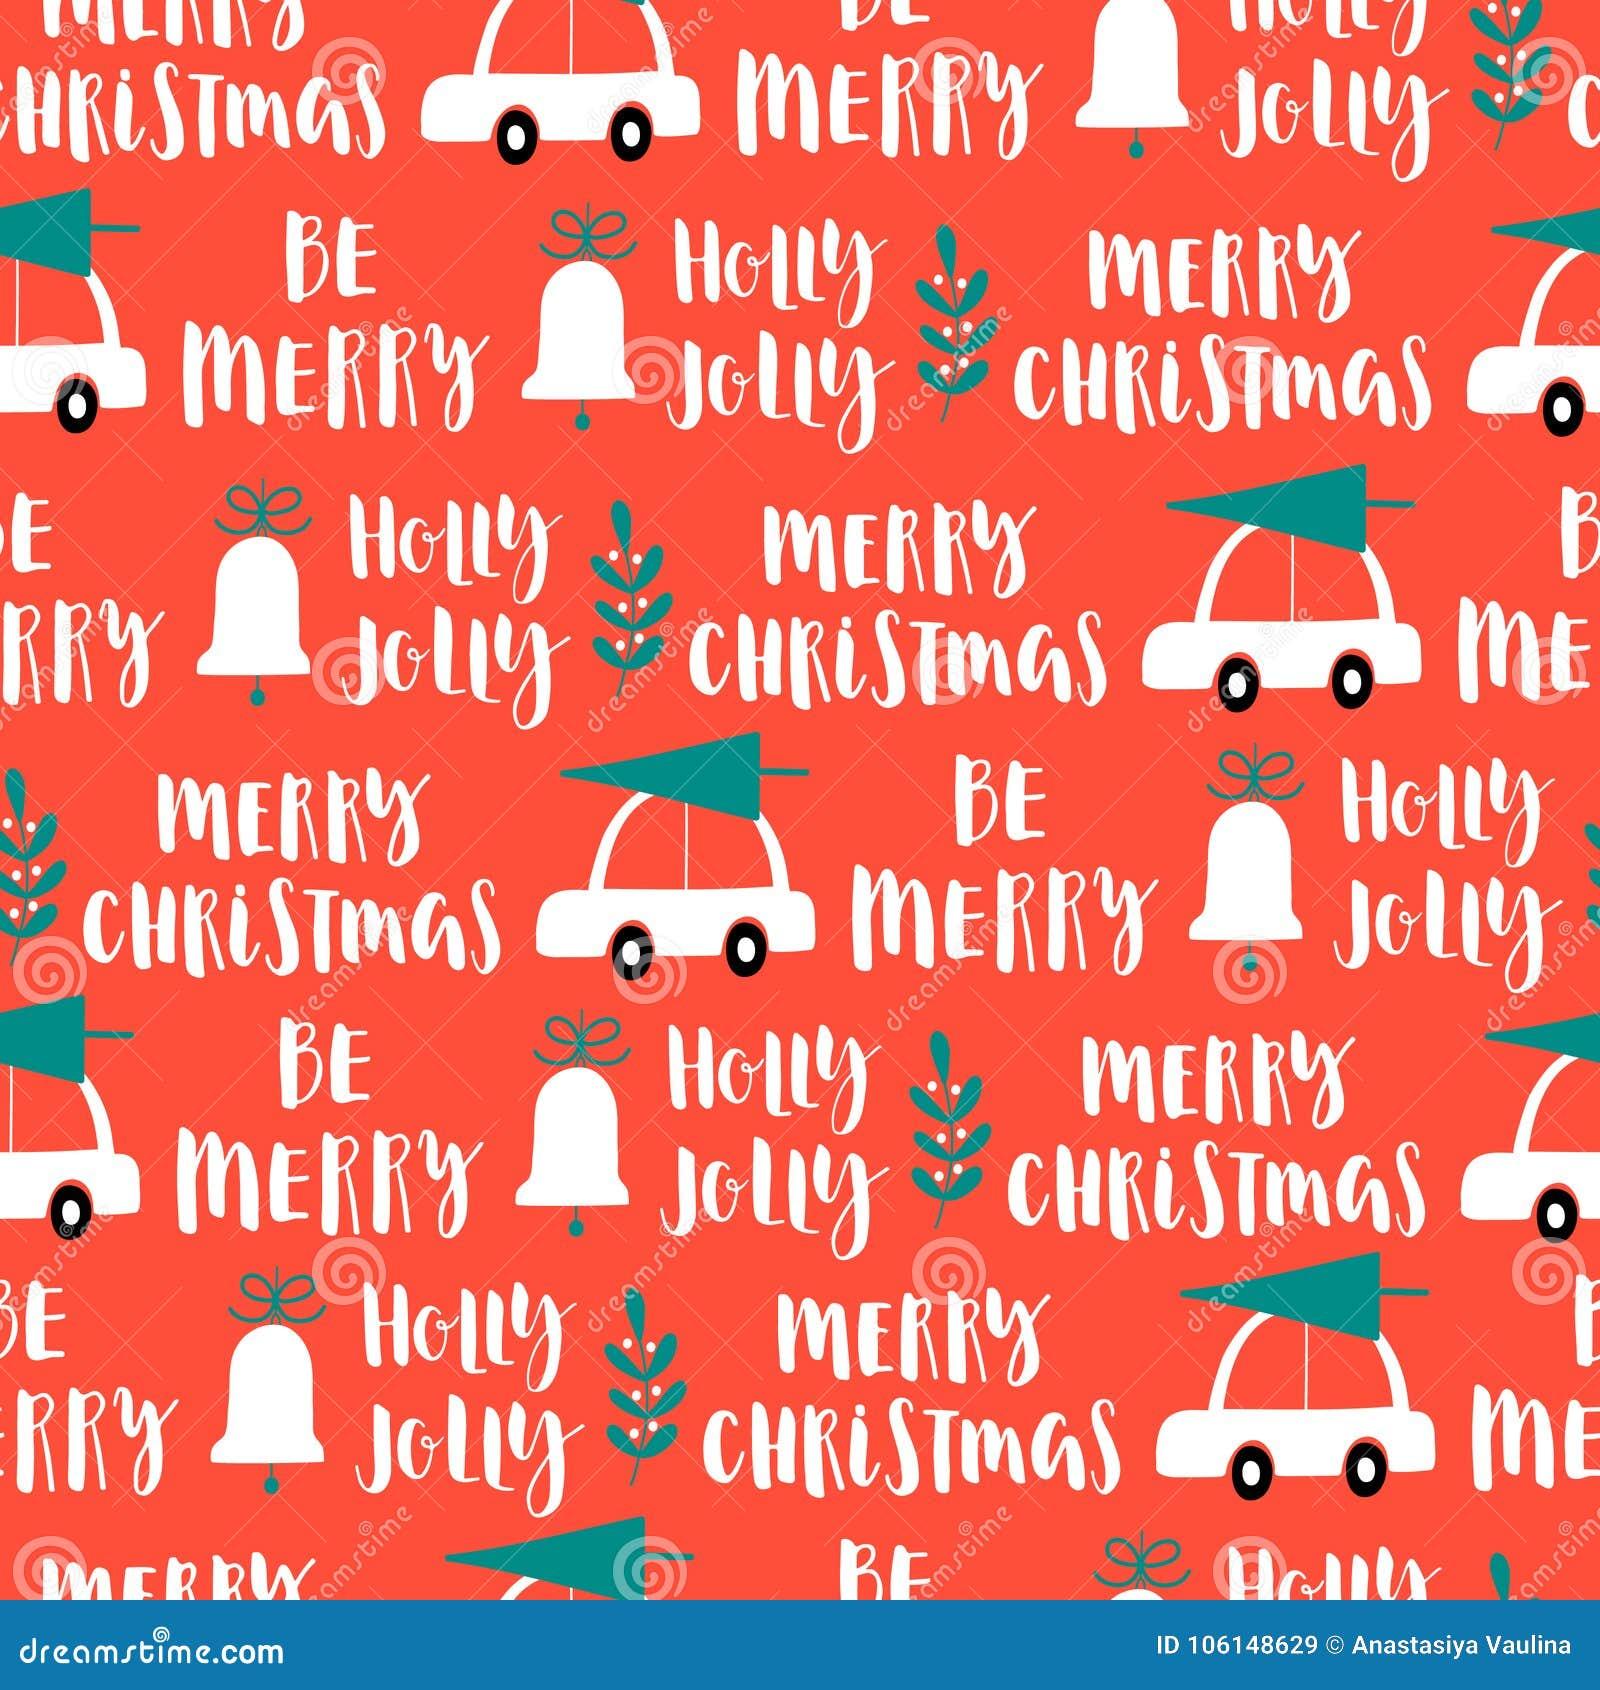 Het vector naadloze patroon van Kerstmiswoorden op rode achtergrond